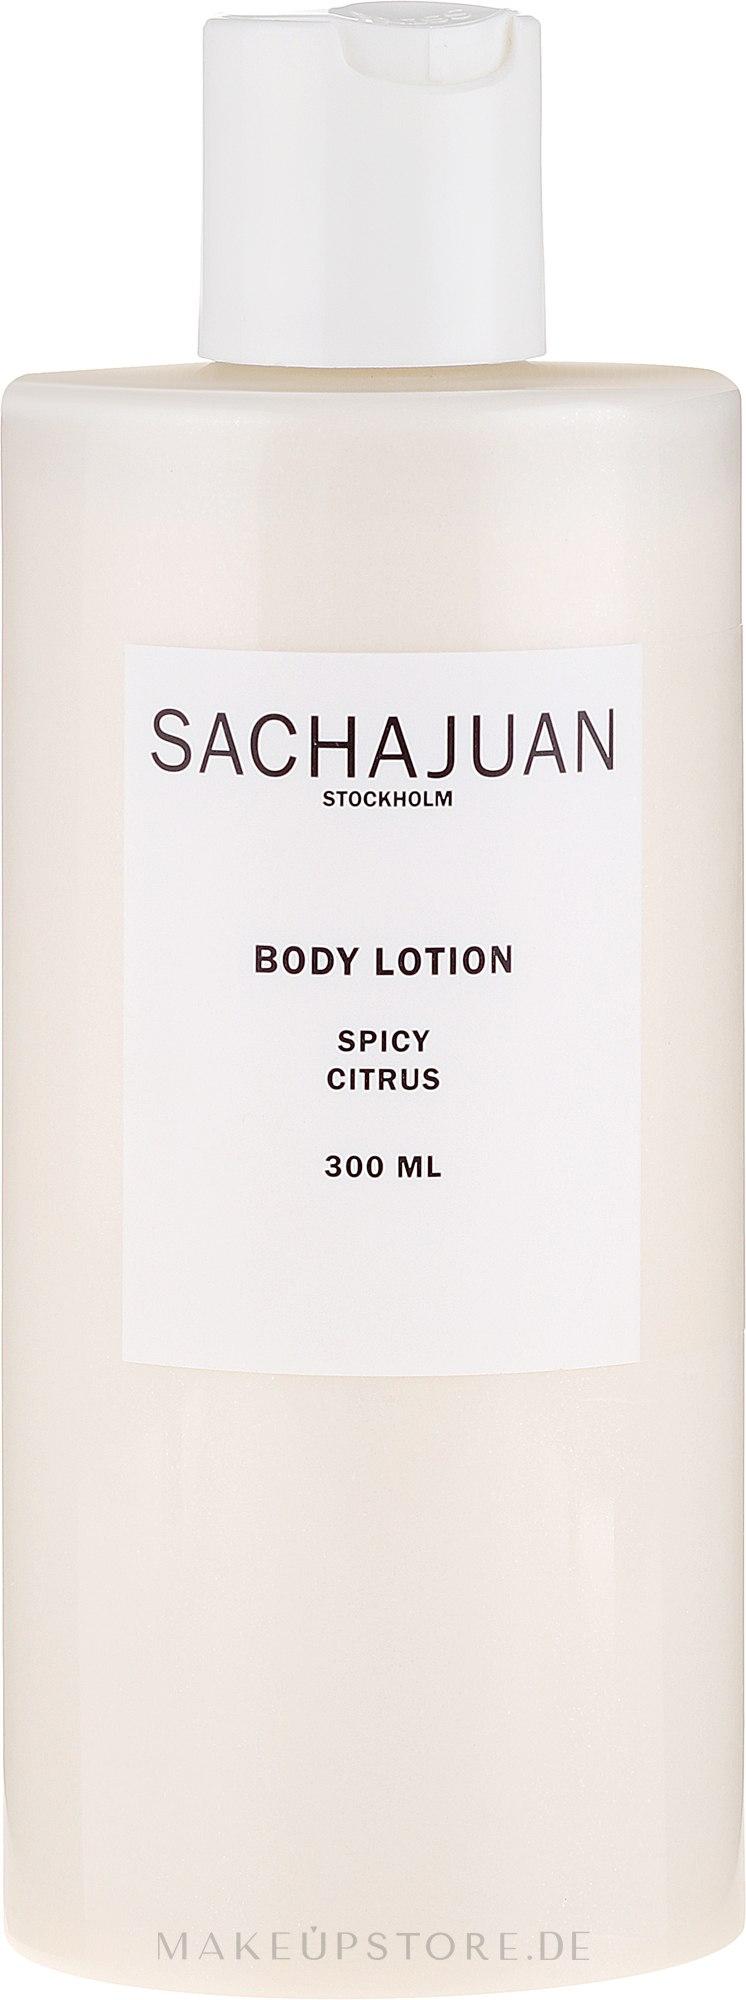 Körperlotion mit würzigen Zitrusfrüchten - Sachajuan Spicy Citrus Body Lotion — Bild 300 ml